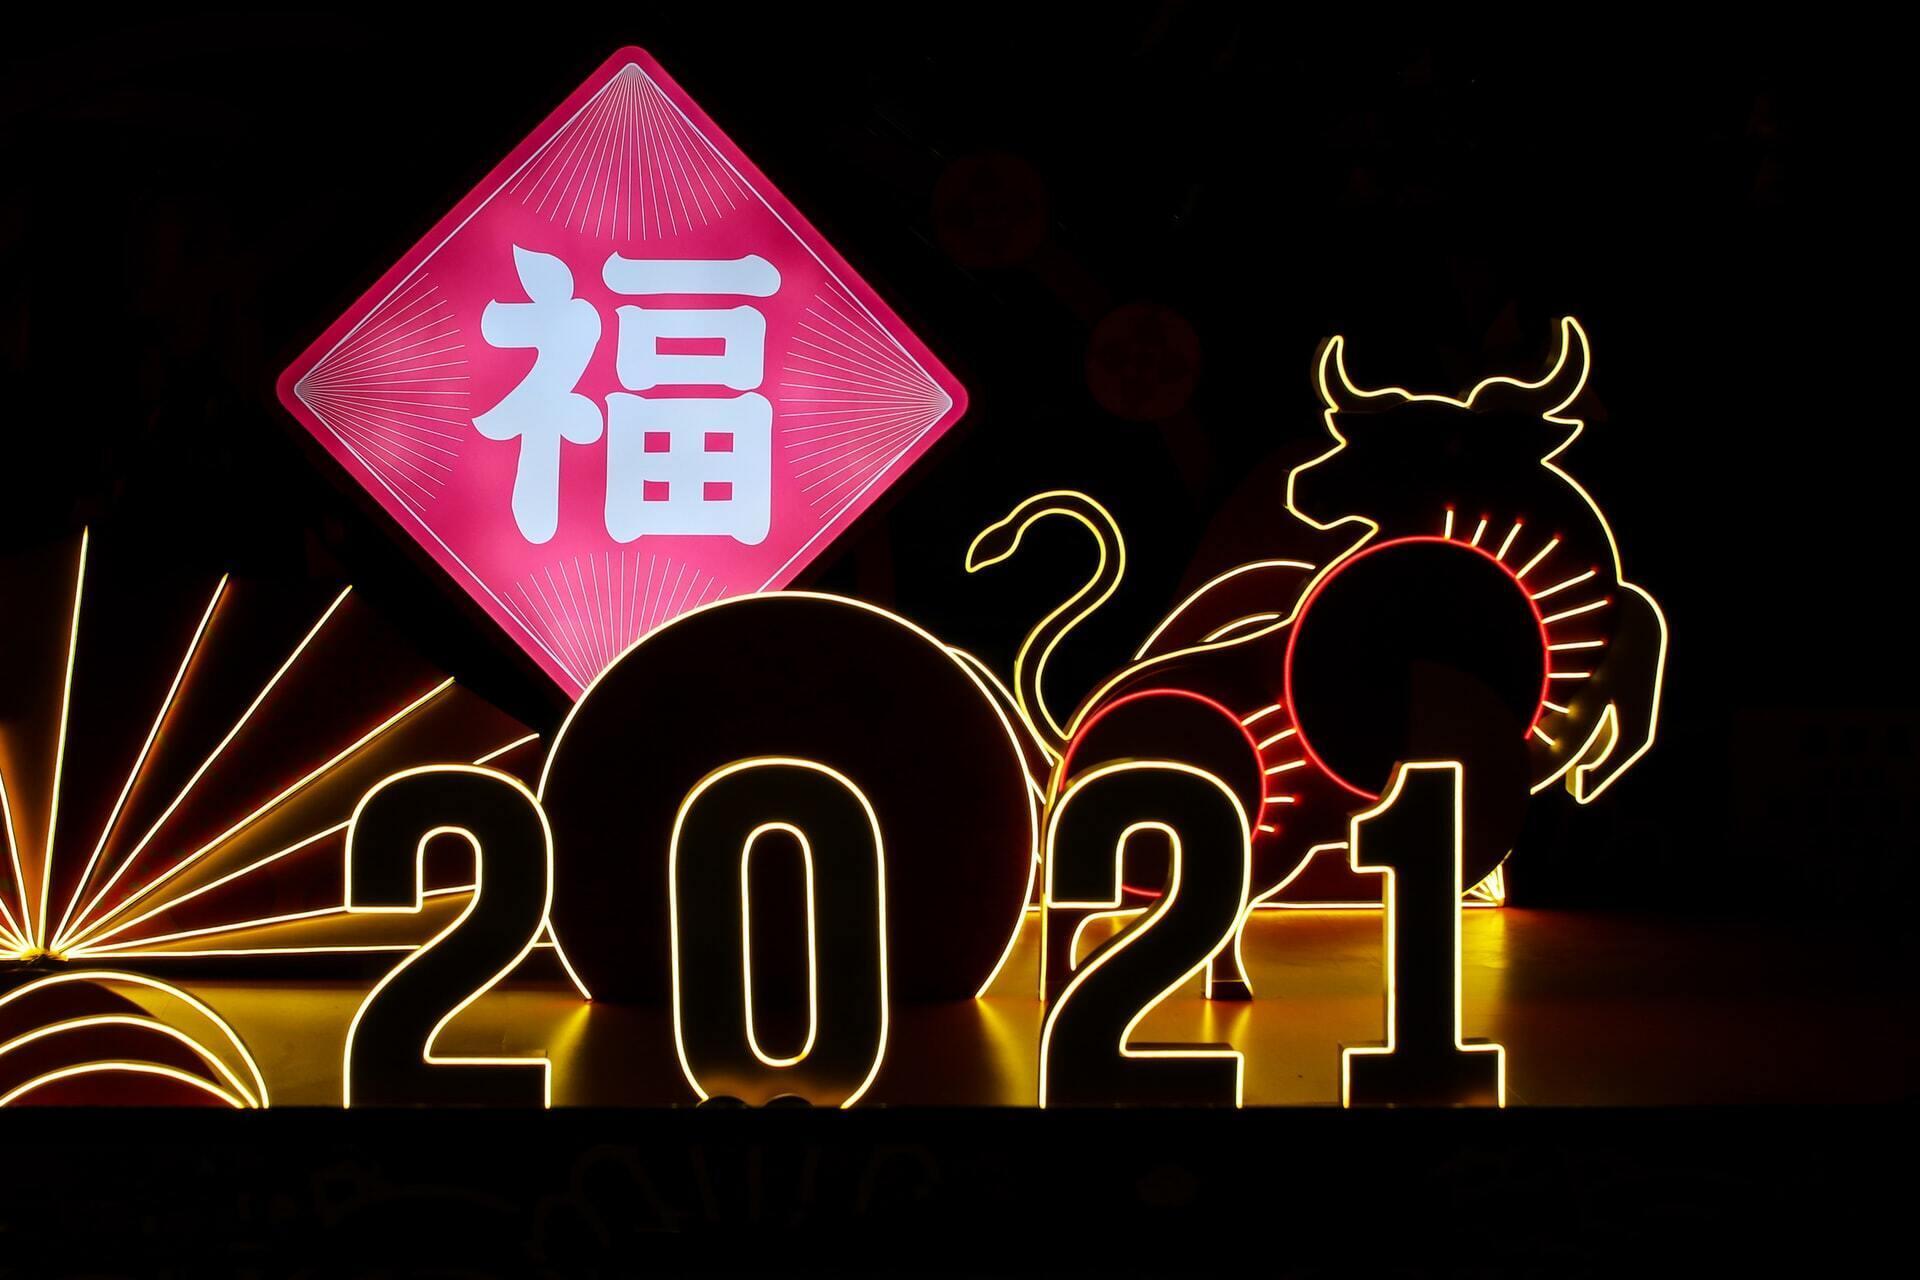 Покровителем 2021 года согласно восточному календарю является Белый Металлический Бык